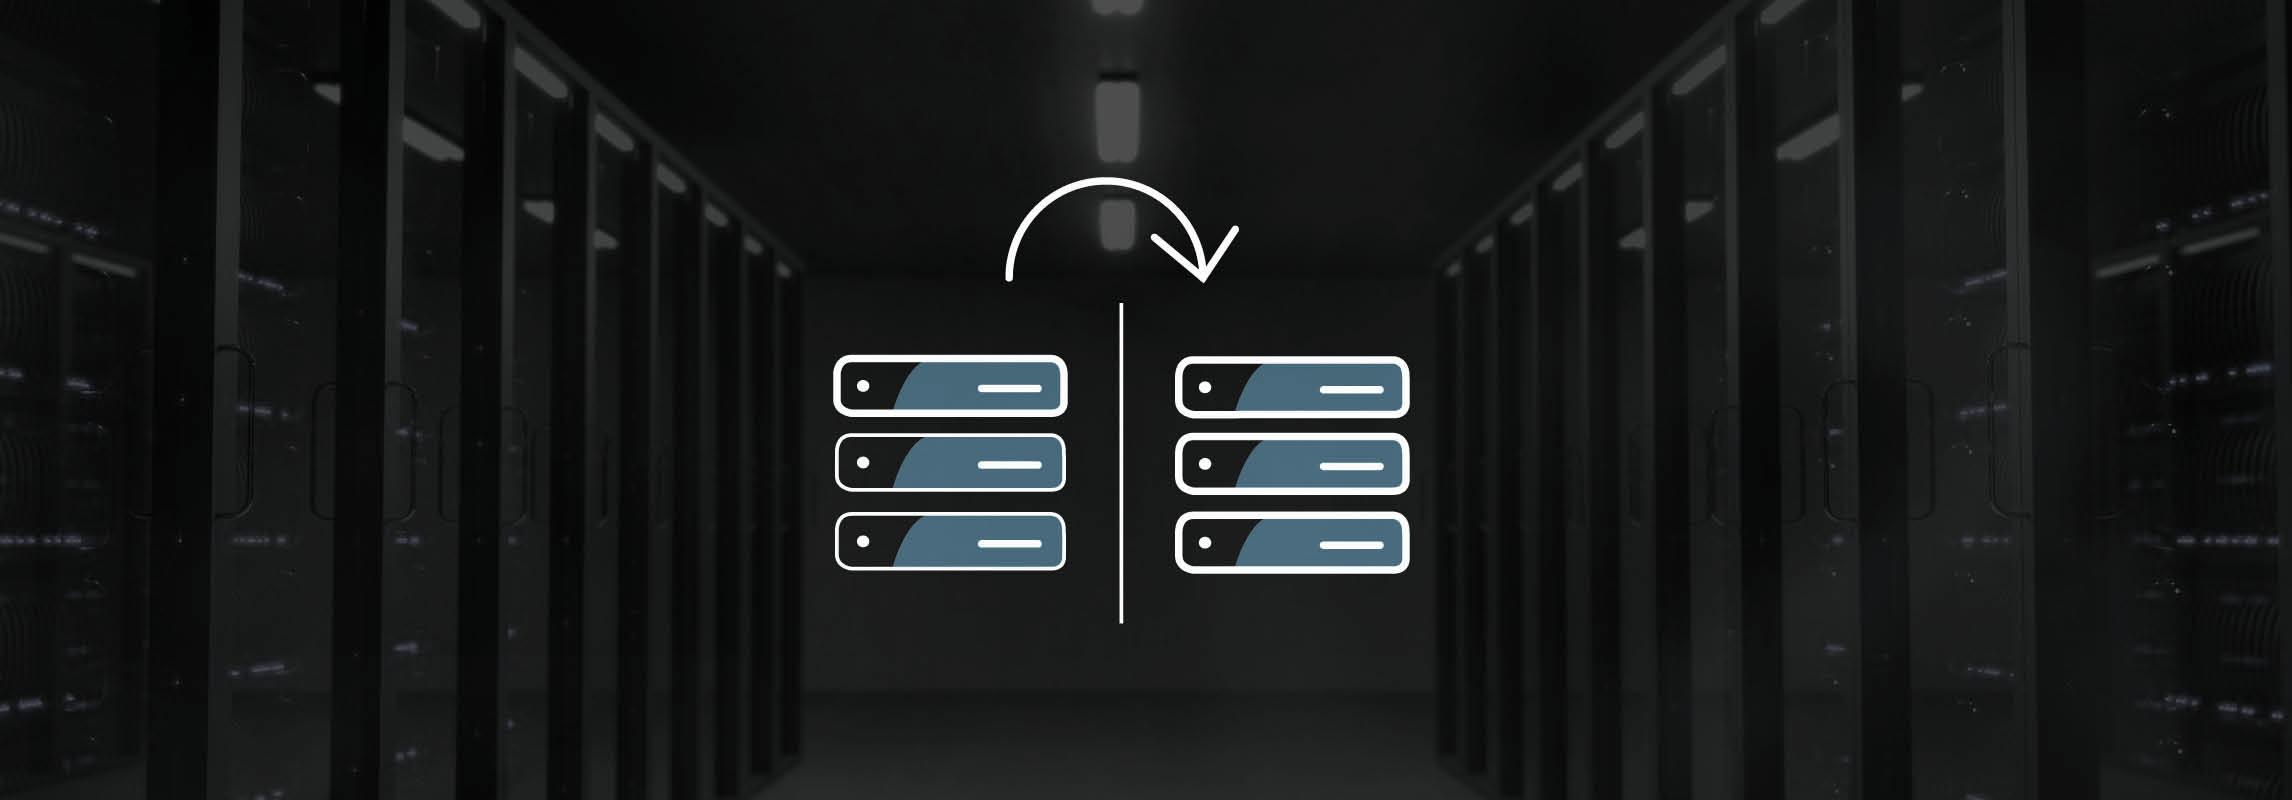 Serverraum mit Icon im Hintergrund welches den Vorgang einer Systemkopie zeigt